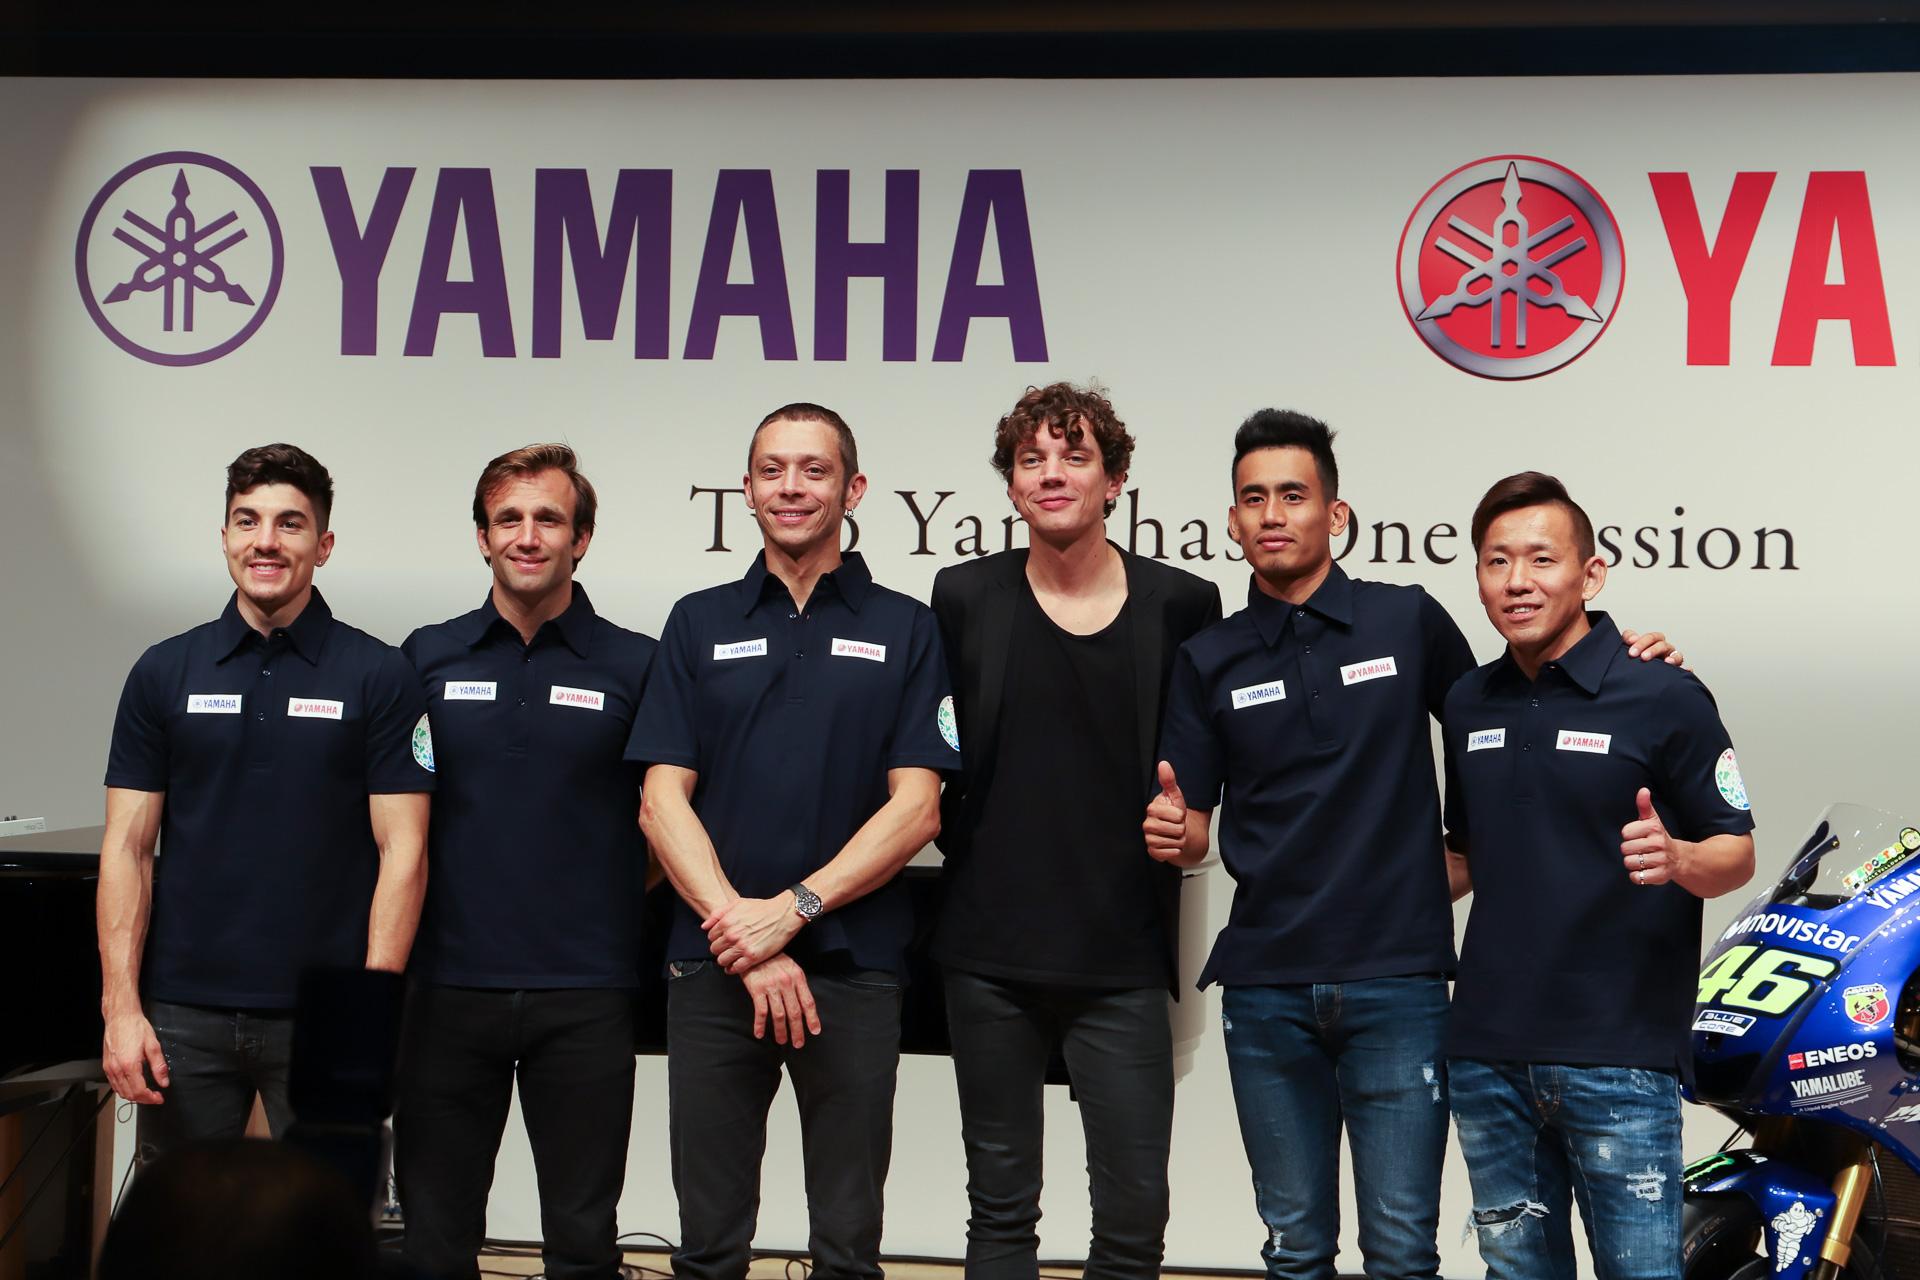 """バイクとピアノの""""2つのヤマハ""""がコラボ! ロッシ選手などMotoGPライダーとピアニストがトークショー"""